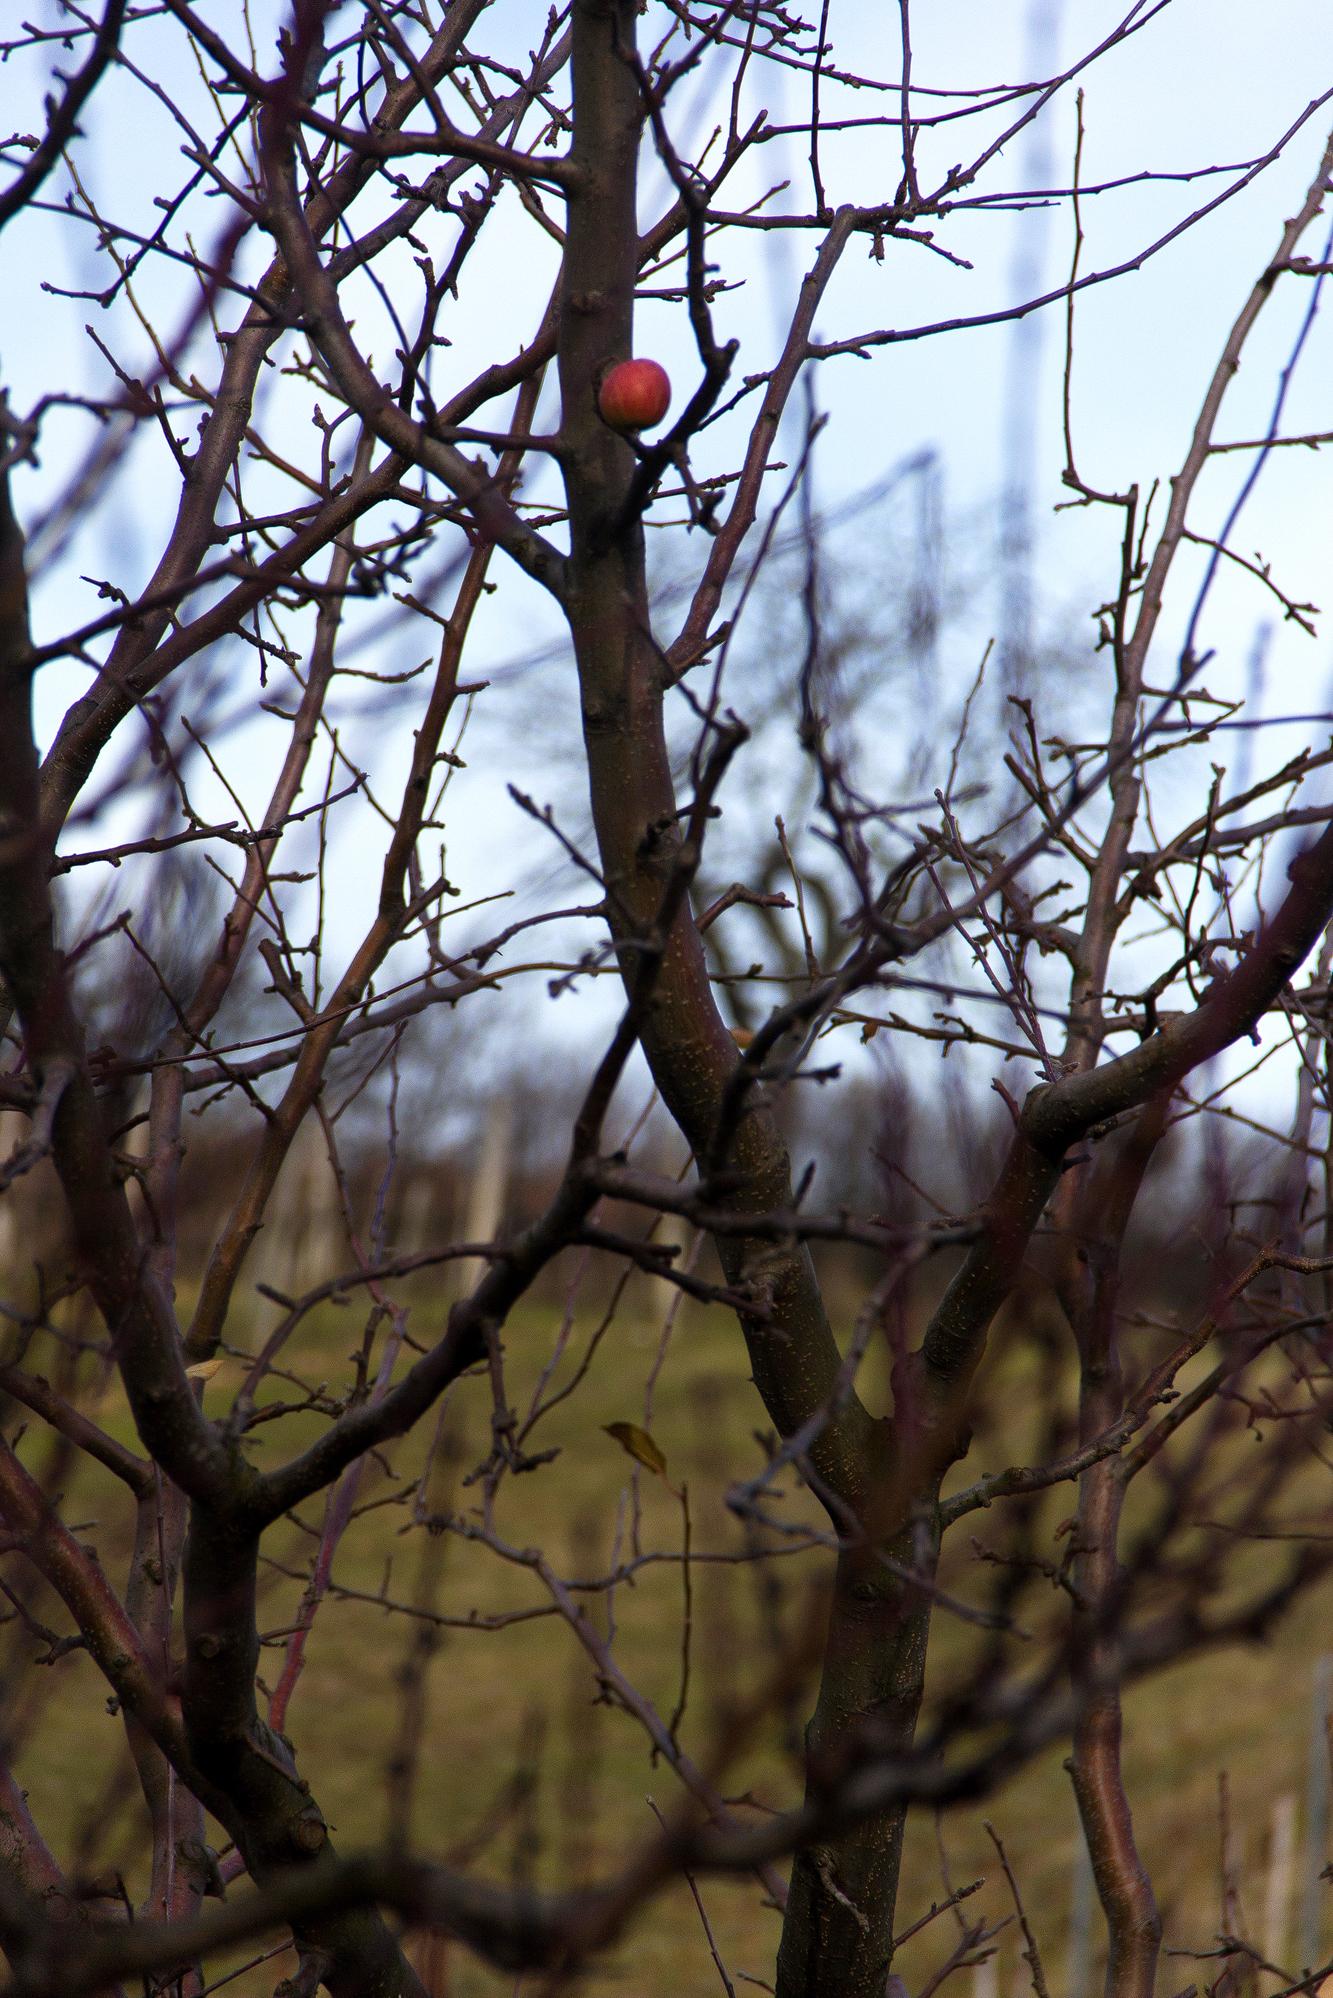 Baum mit Apfel im 'verschwundenen Dorf' bei St. Georgen nahe Eisenstadt